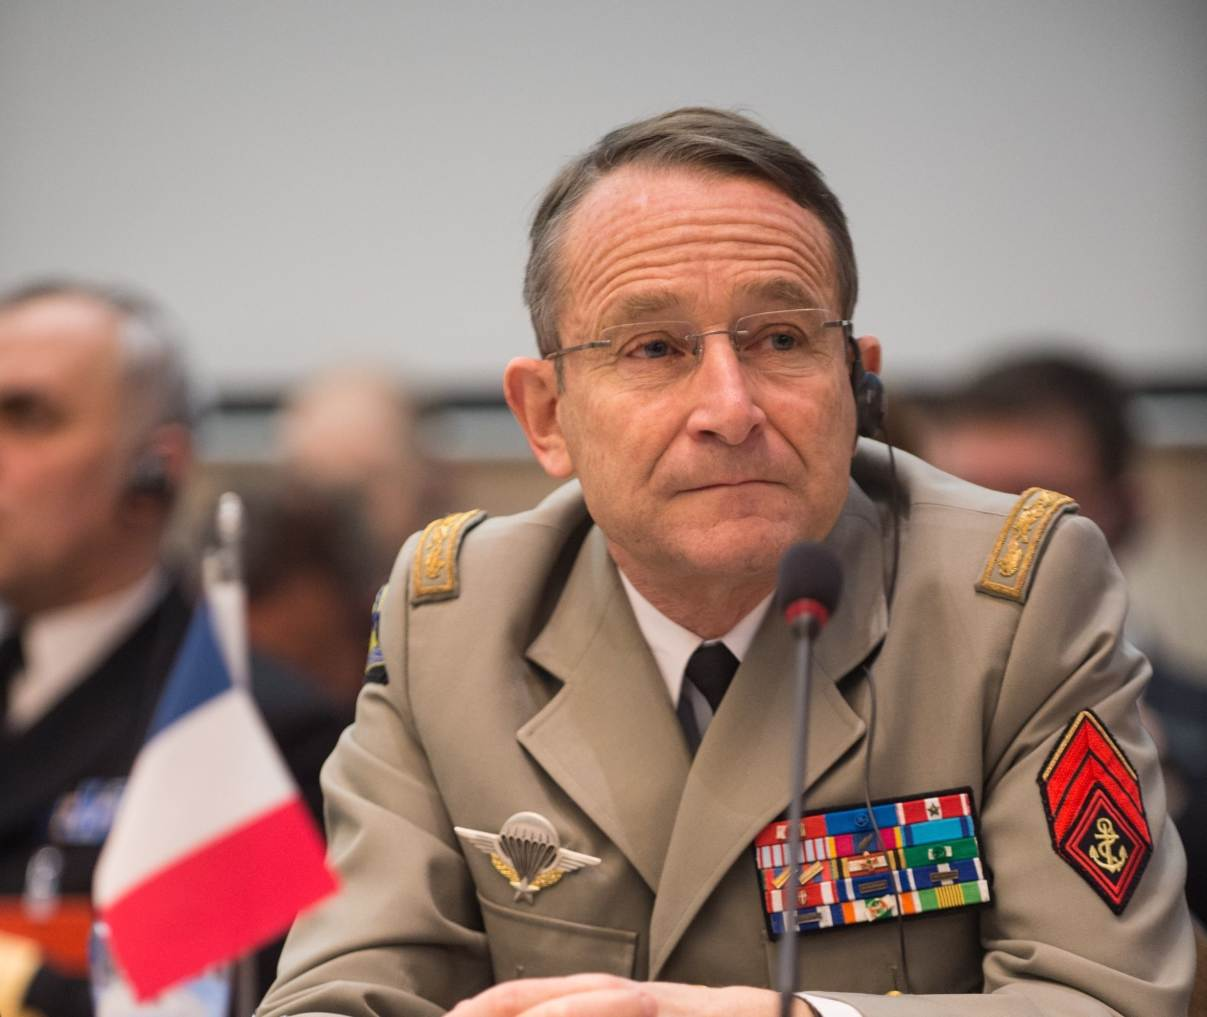 Le Chef d'Etat-Major des Armées a remis sa démission